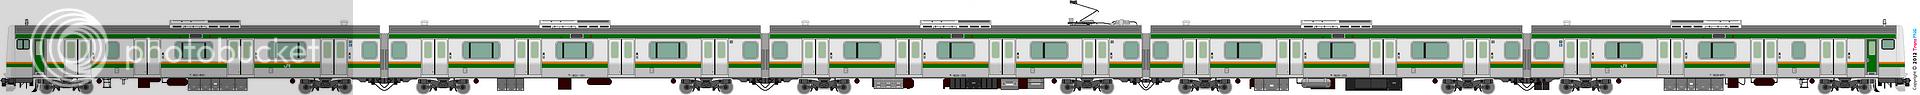 [5558] 東日本旅客鉄道 1958